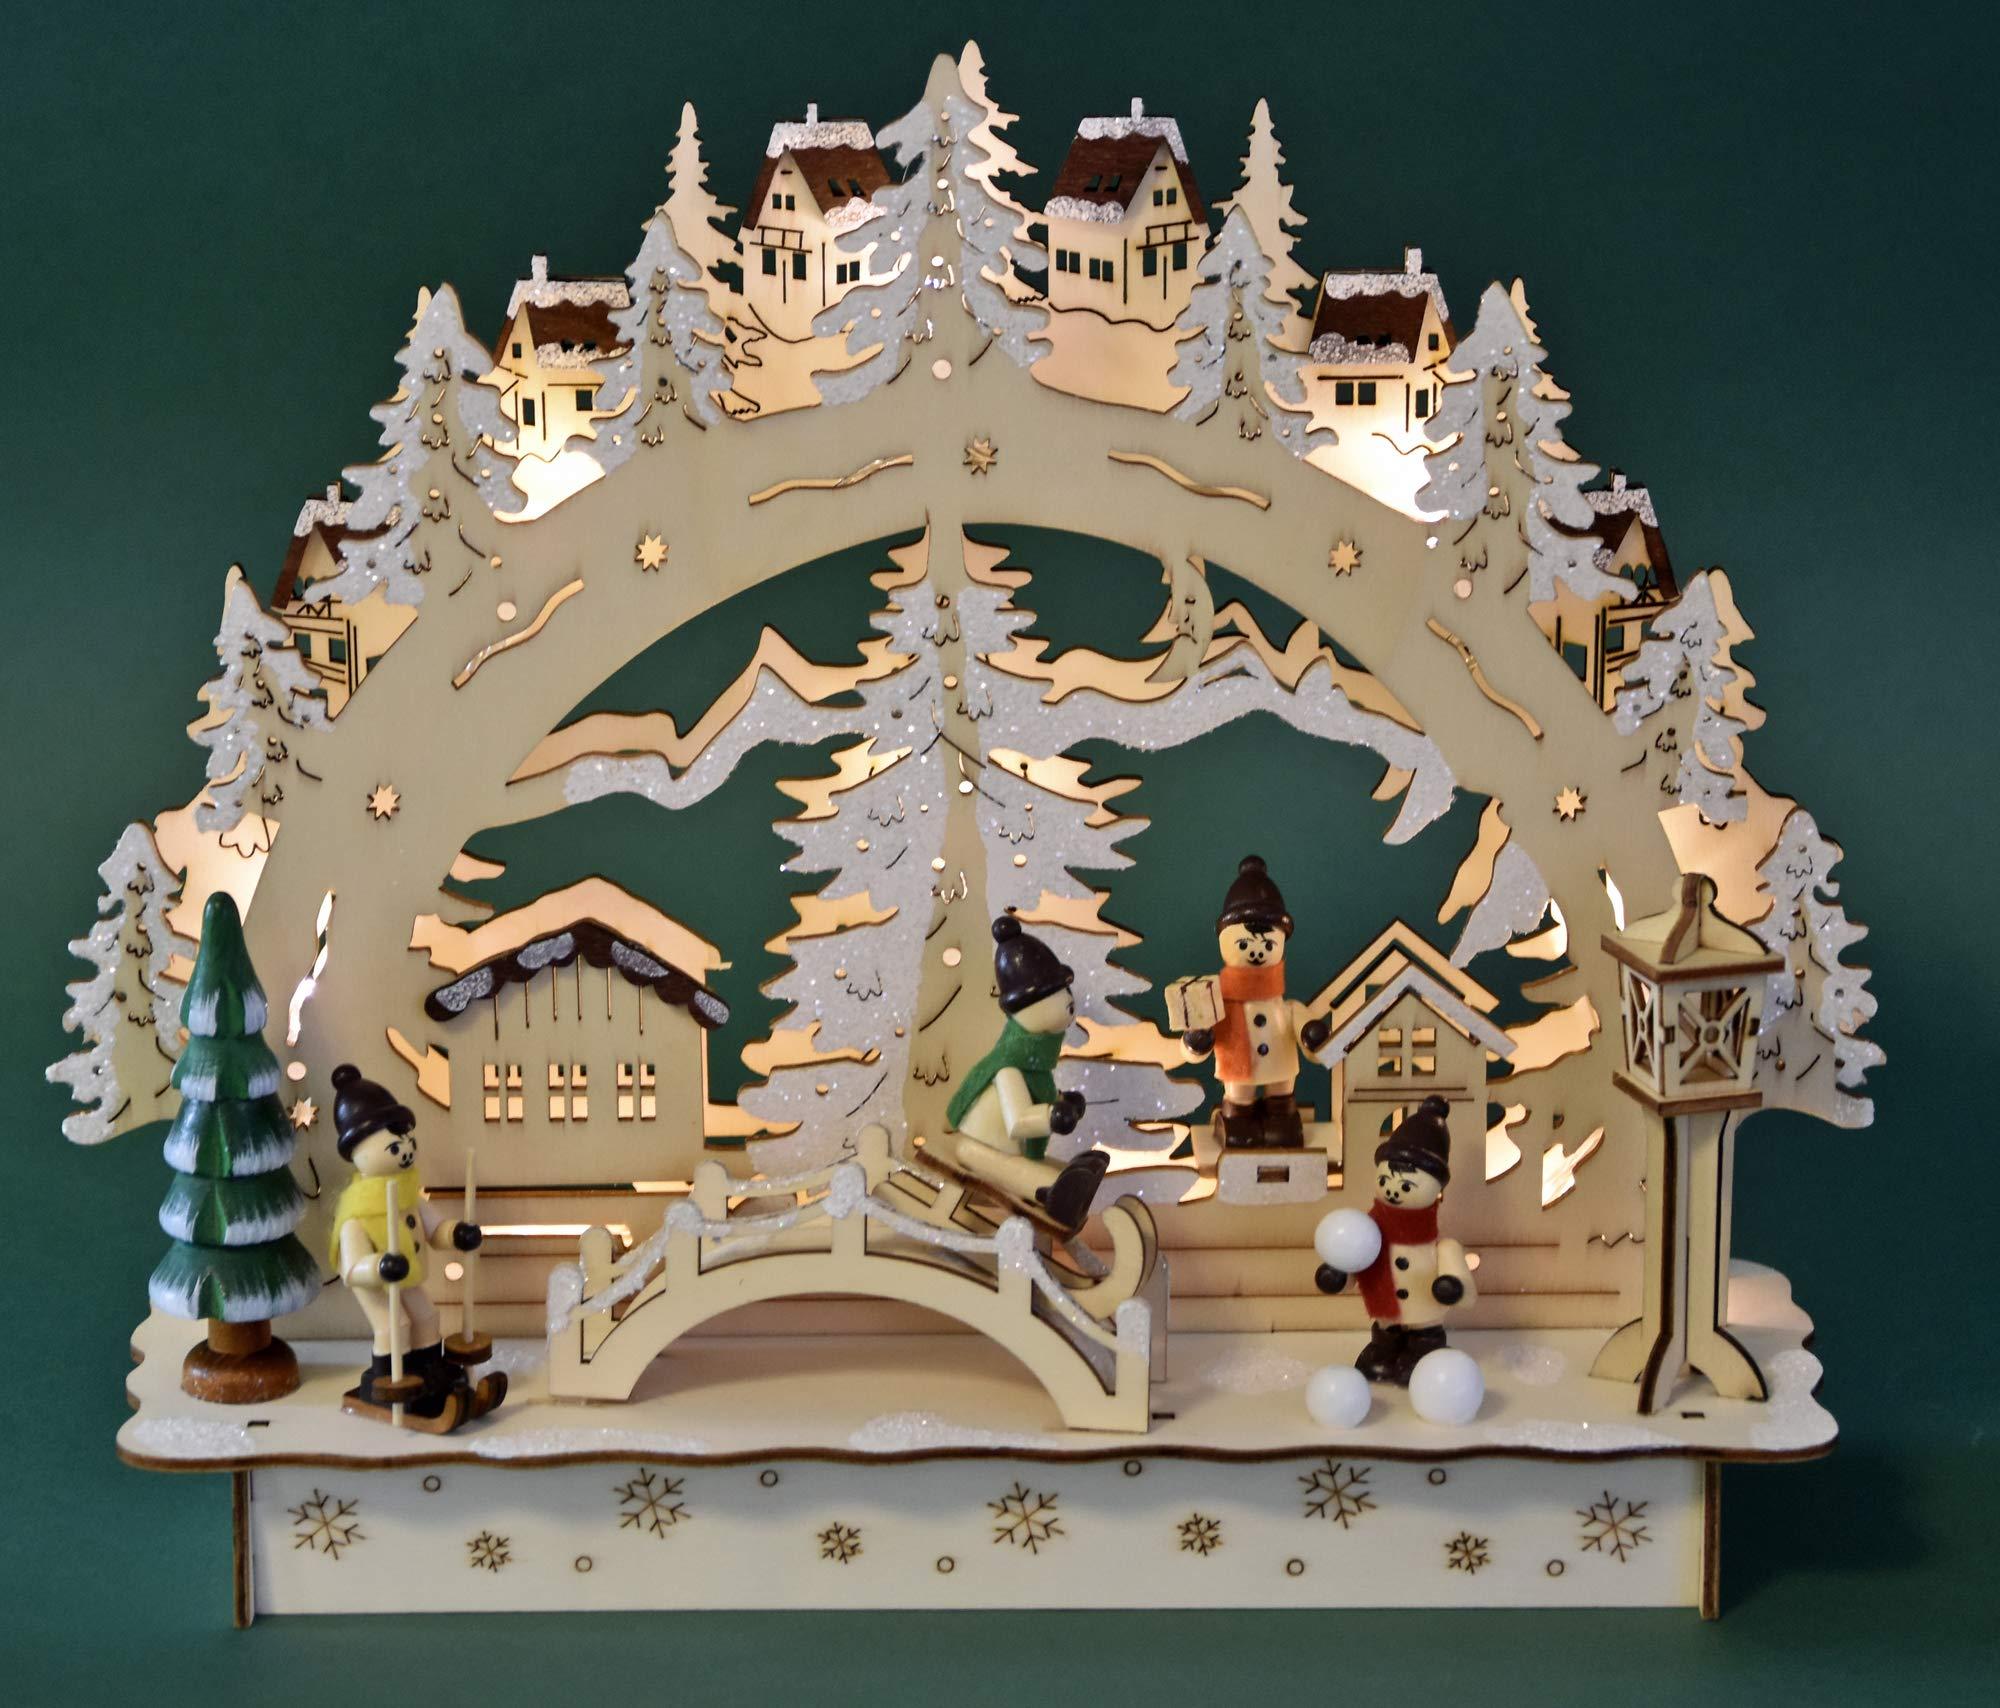 yanka-style-LED-Schwibbogen-Lichterbogen-Leuchter-Winterkinder-aus-Holz-innenbeleuhtet-ca-30-cm-breit-Weihnachten-Advent-Geschenk-Dekoration-20667